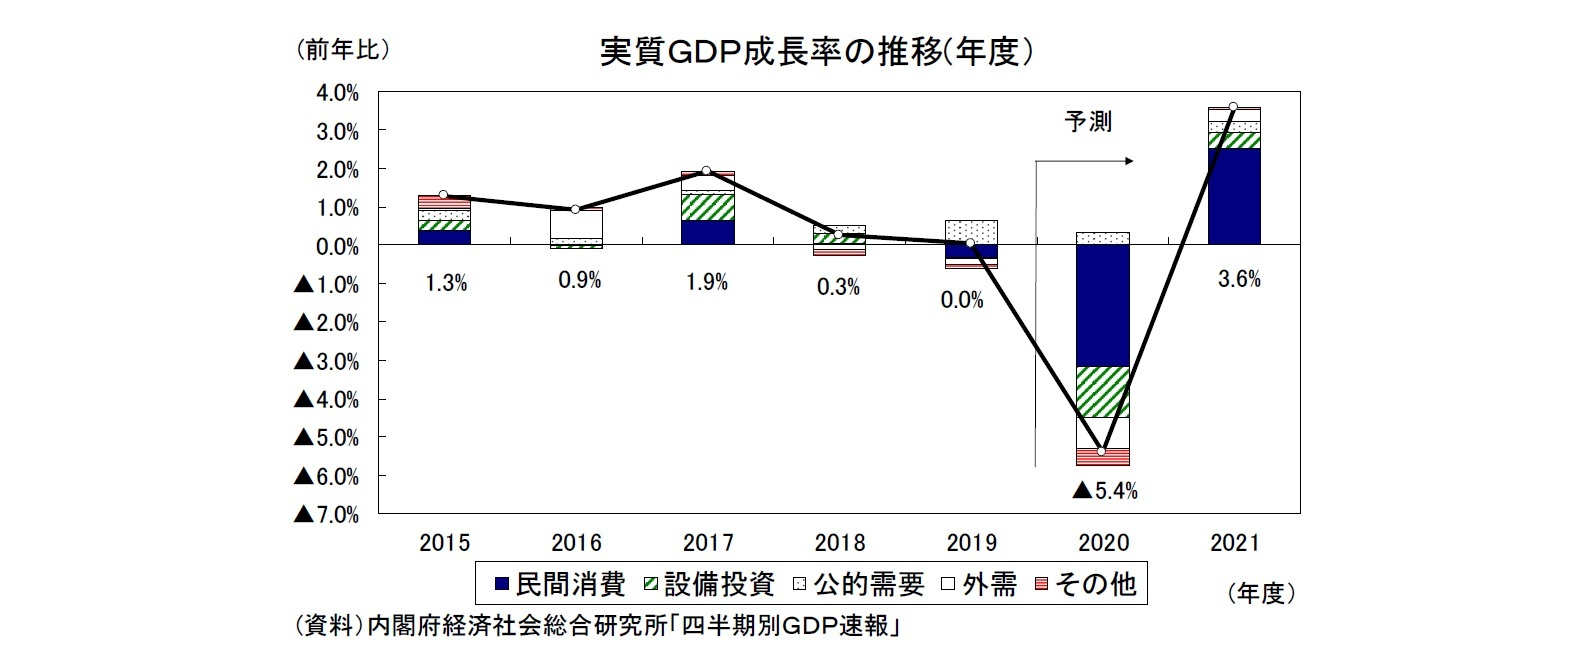 実質GDP成長率の推移(年度)